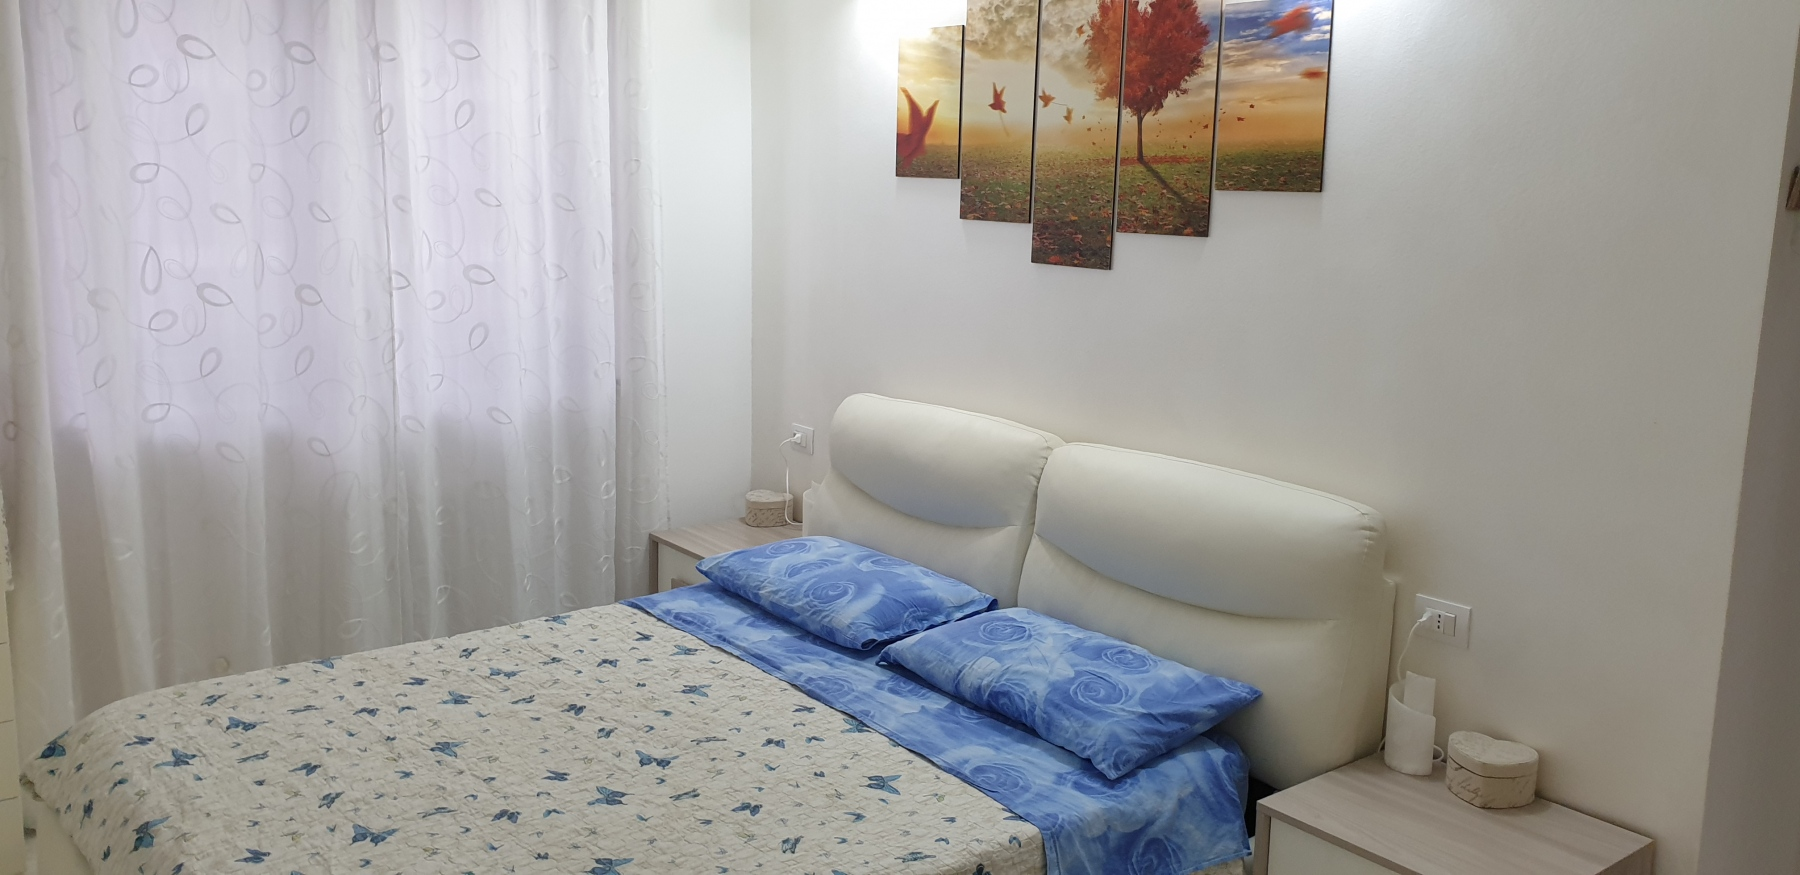 appartamento-in-vendita-trezzano-sul-naviglio-milano-spaziourbano-immobiliare-vende-18